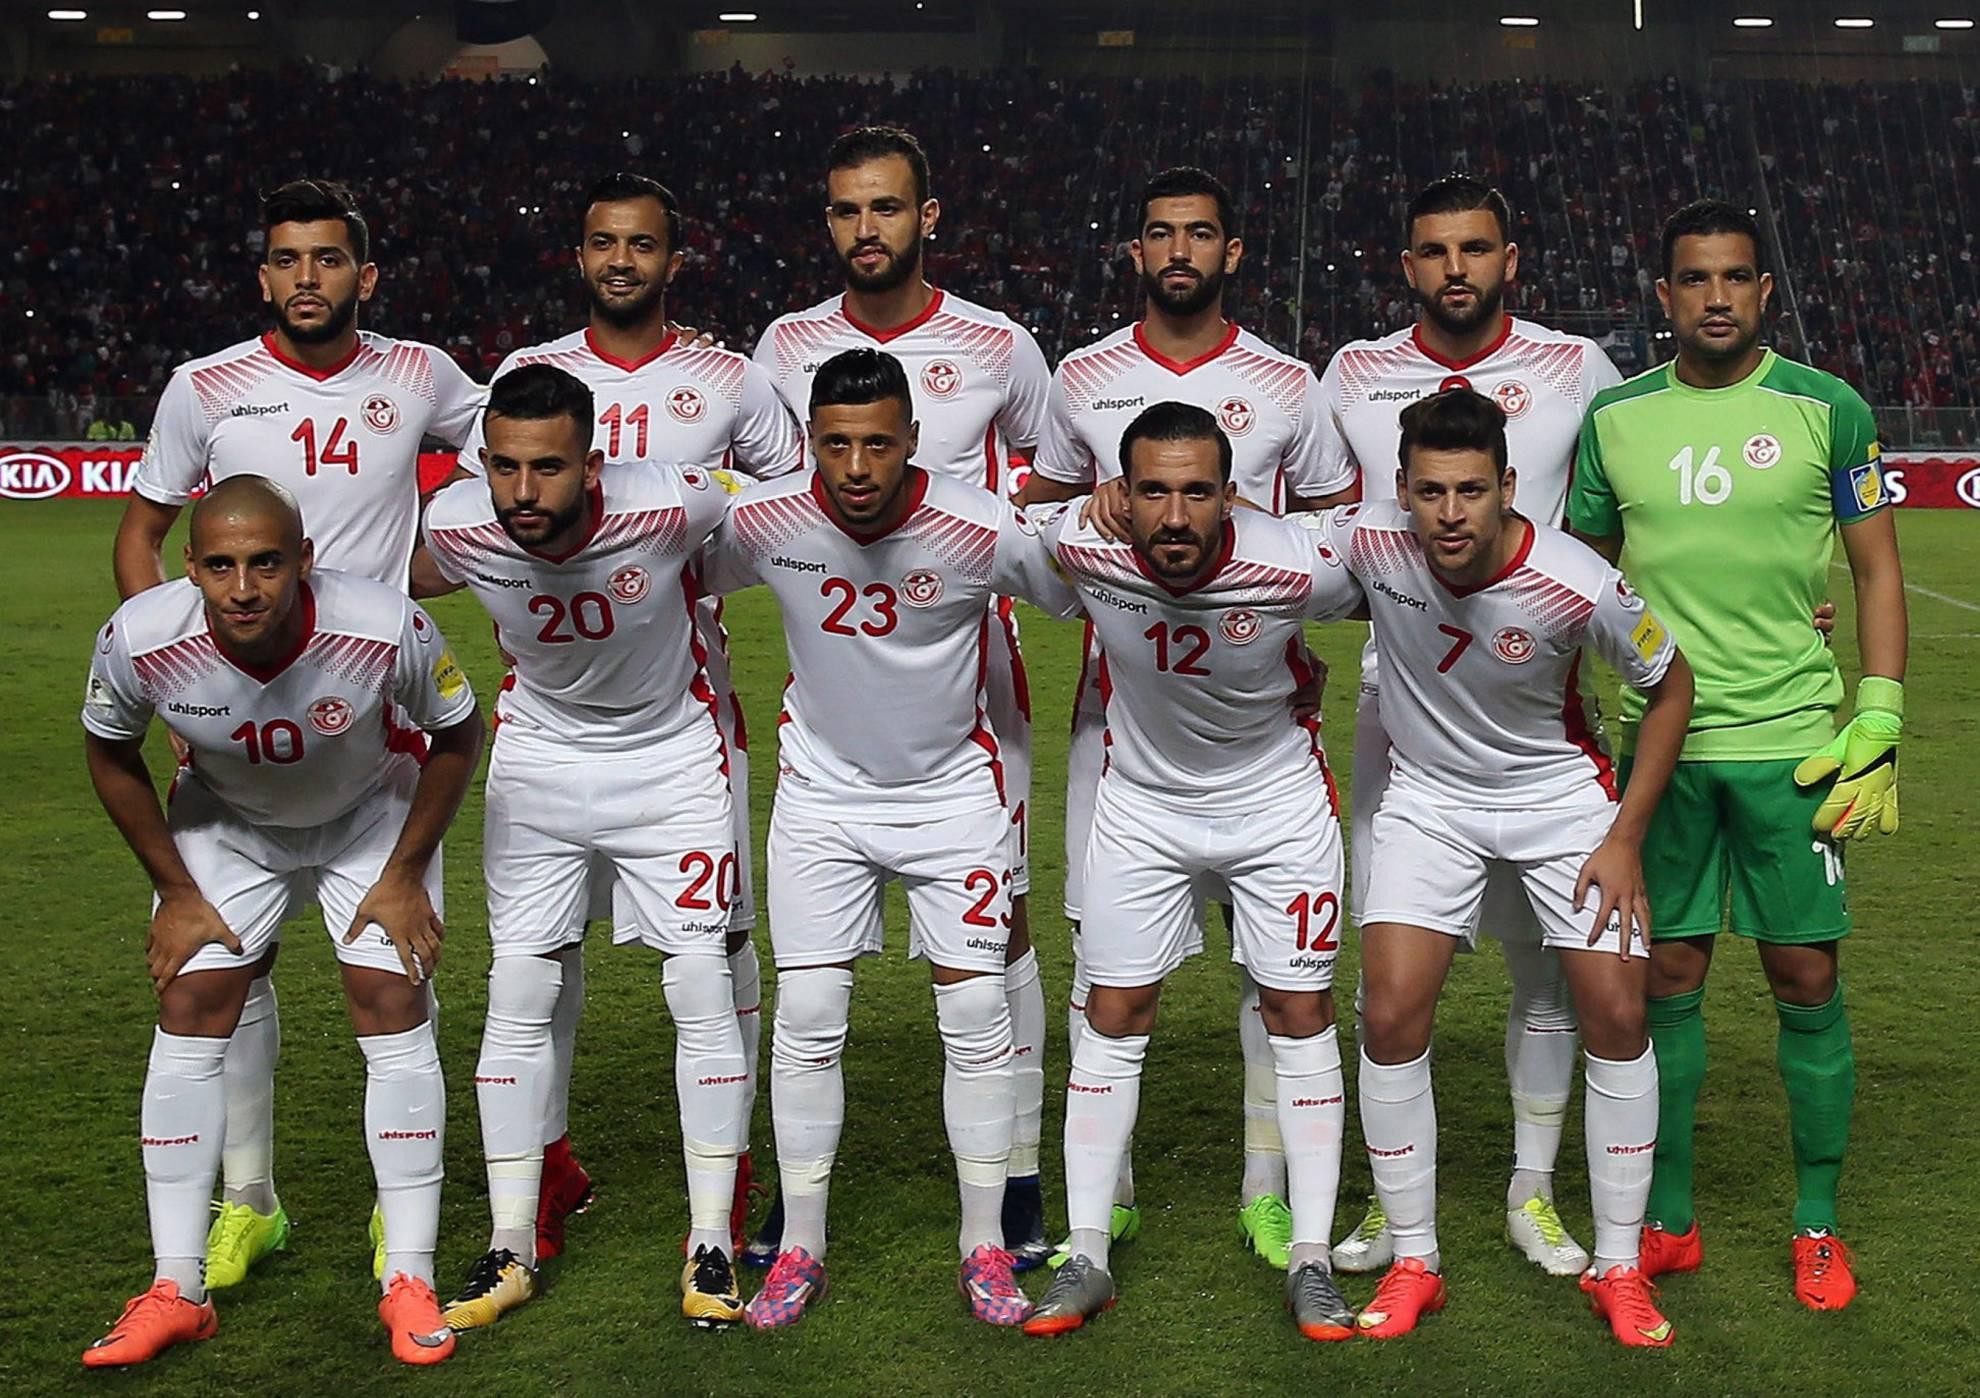 Resultado de imagen para selección de fútbol Túnez Copa Mundial 2018